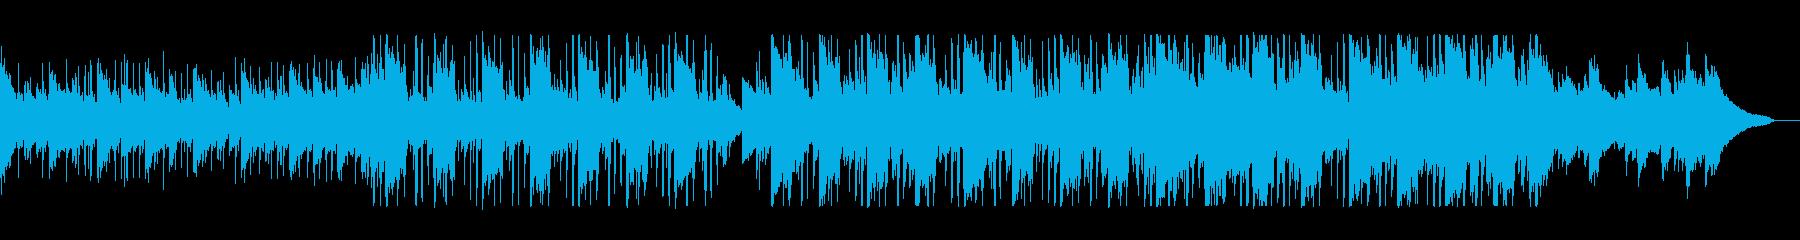 おしゃれなヒップホップの再生済みの波形